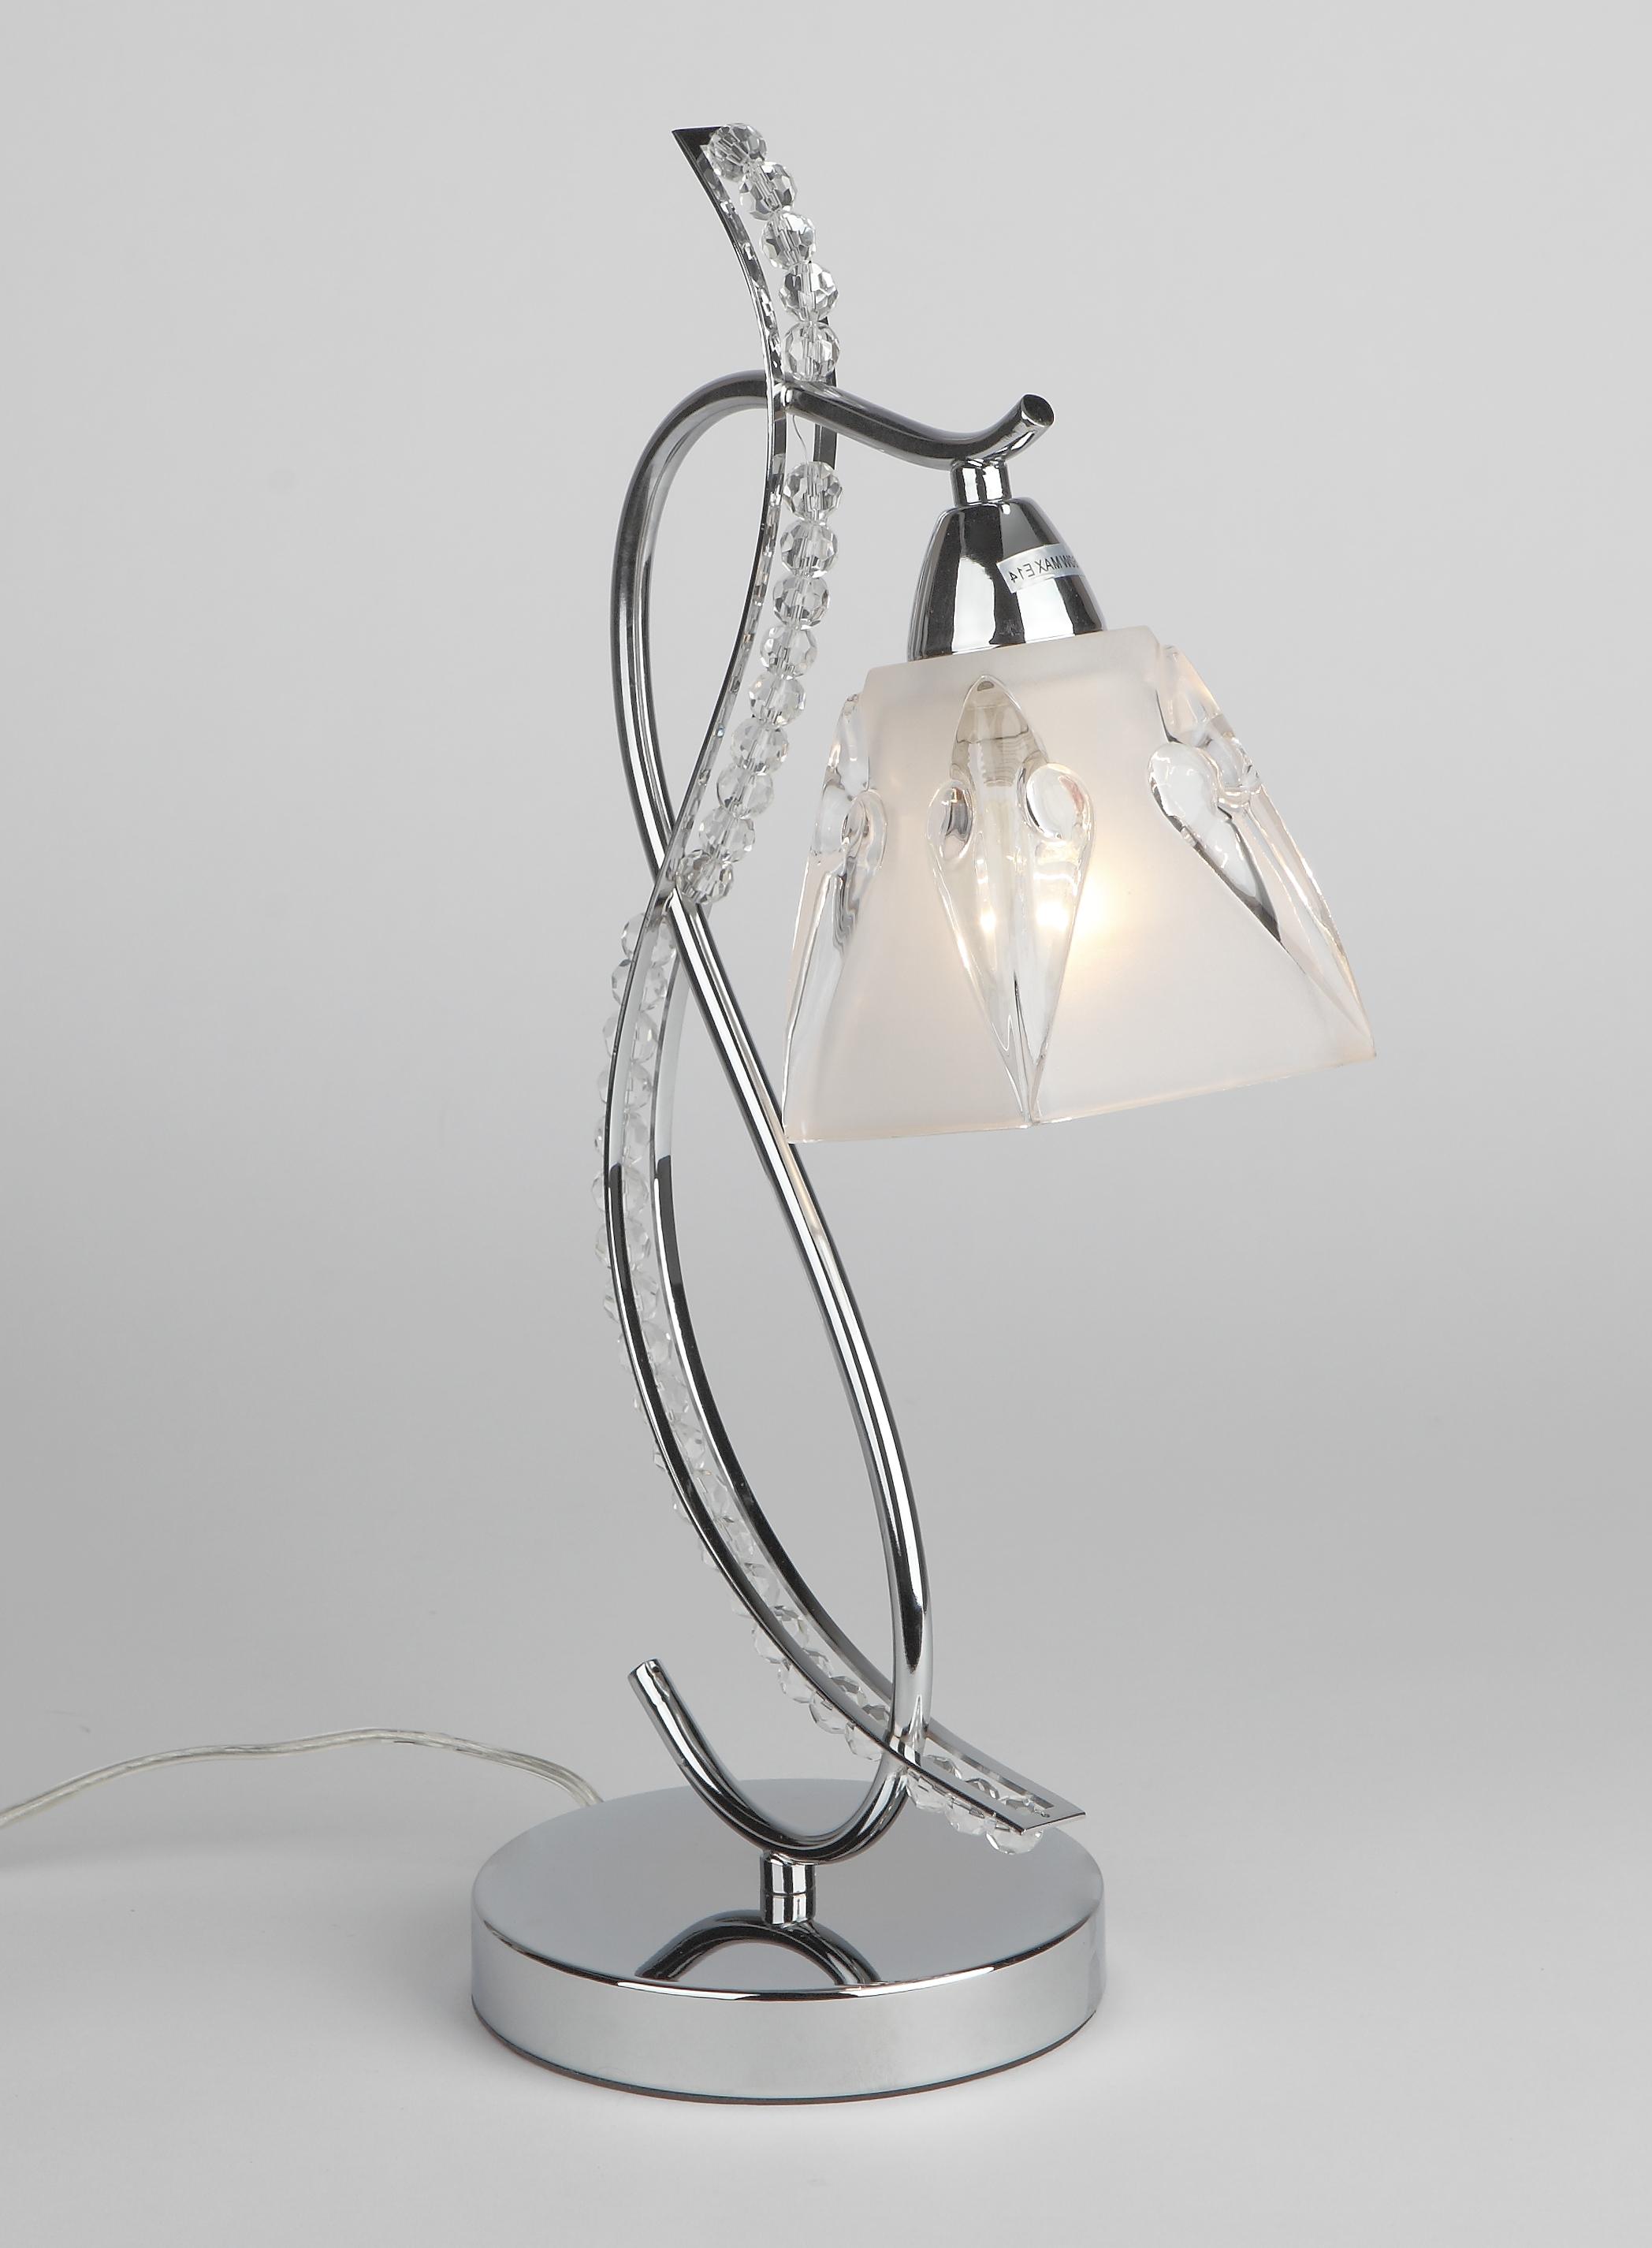 Лампа настольная RivoliЛампы настольные<br>Тип настольной лампы: декоративная,<br>Назначение светильника: для комнаты,<br>Стиль светильника: модерн,<br>Материал светильника: металл, стекло, хрусталь,<br>Длина (мм): 210,<br>Ширина: 150,<br>Высота: 430,<br>Количество ламп: 1,<br>Тип лампы: накаливания,<br>Мощность: 60,<br>Патрон: Е14,<br>Цвет арматуры: белый,<br>Вес нетто: 2.4<br>